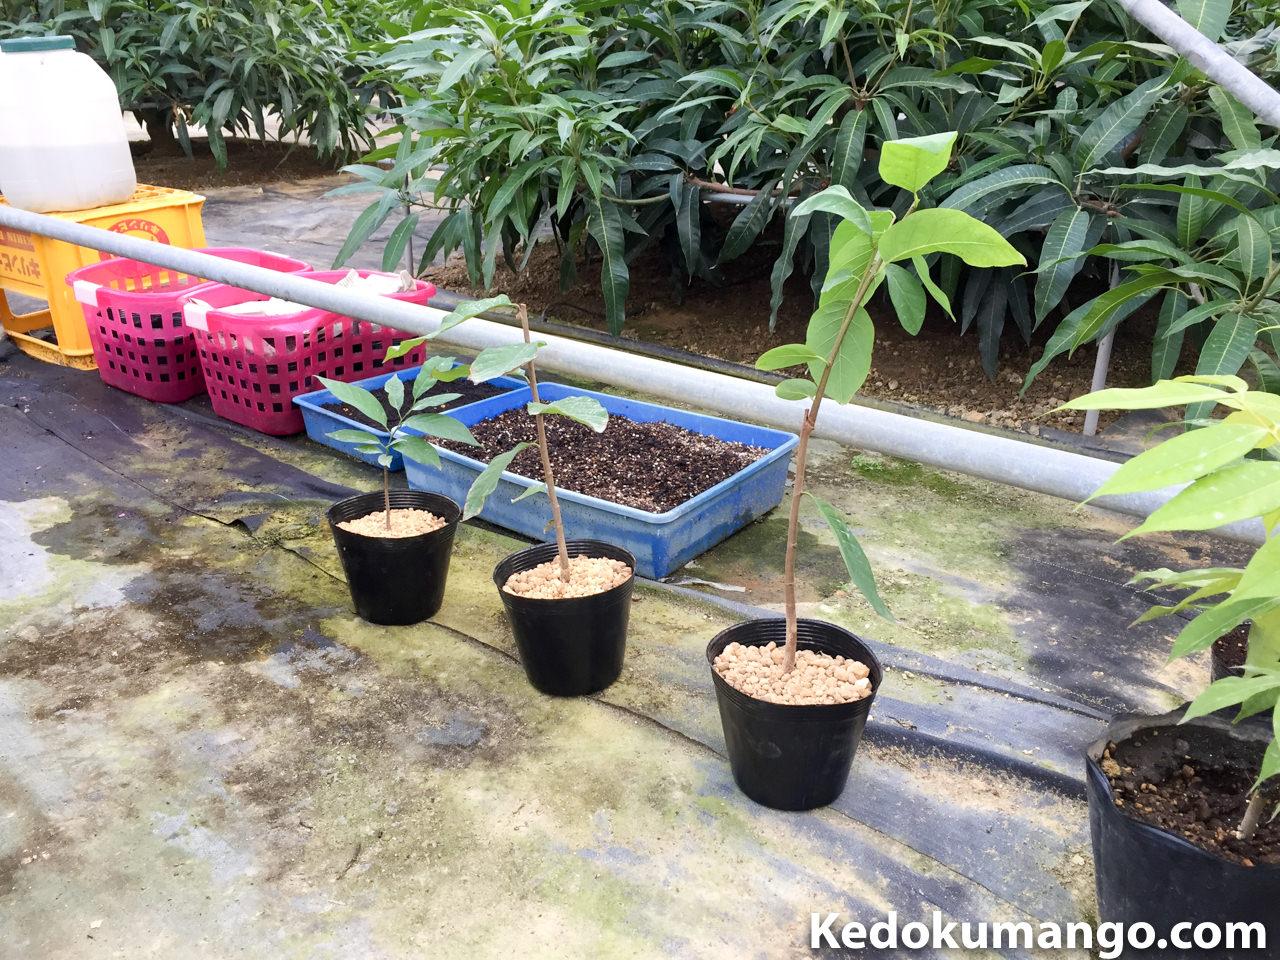 ポット鉢に移植したアテモヤの苗